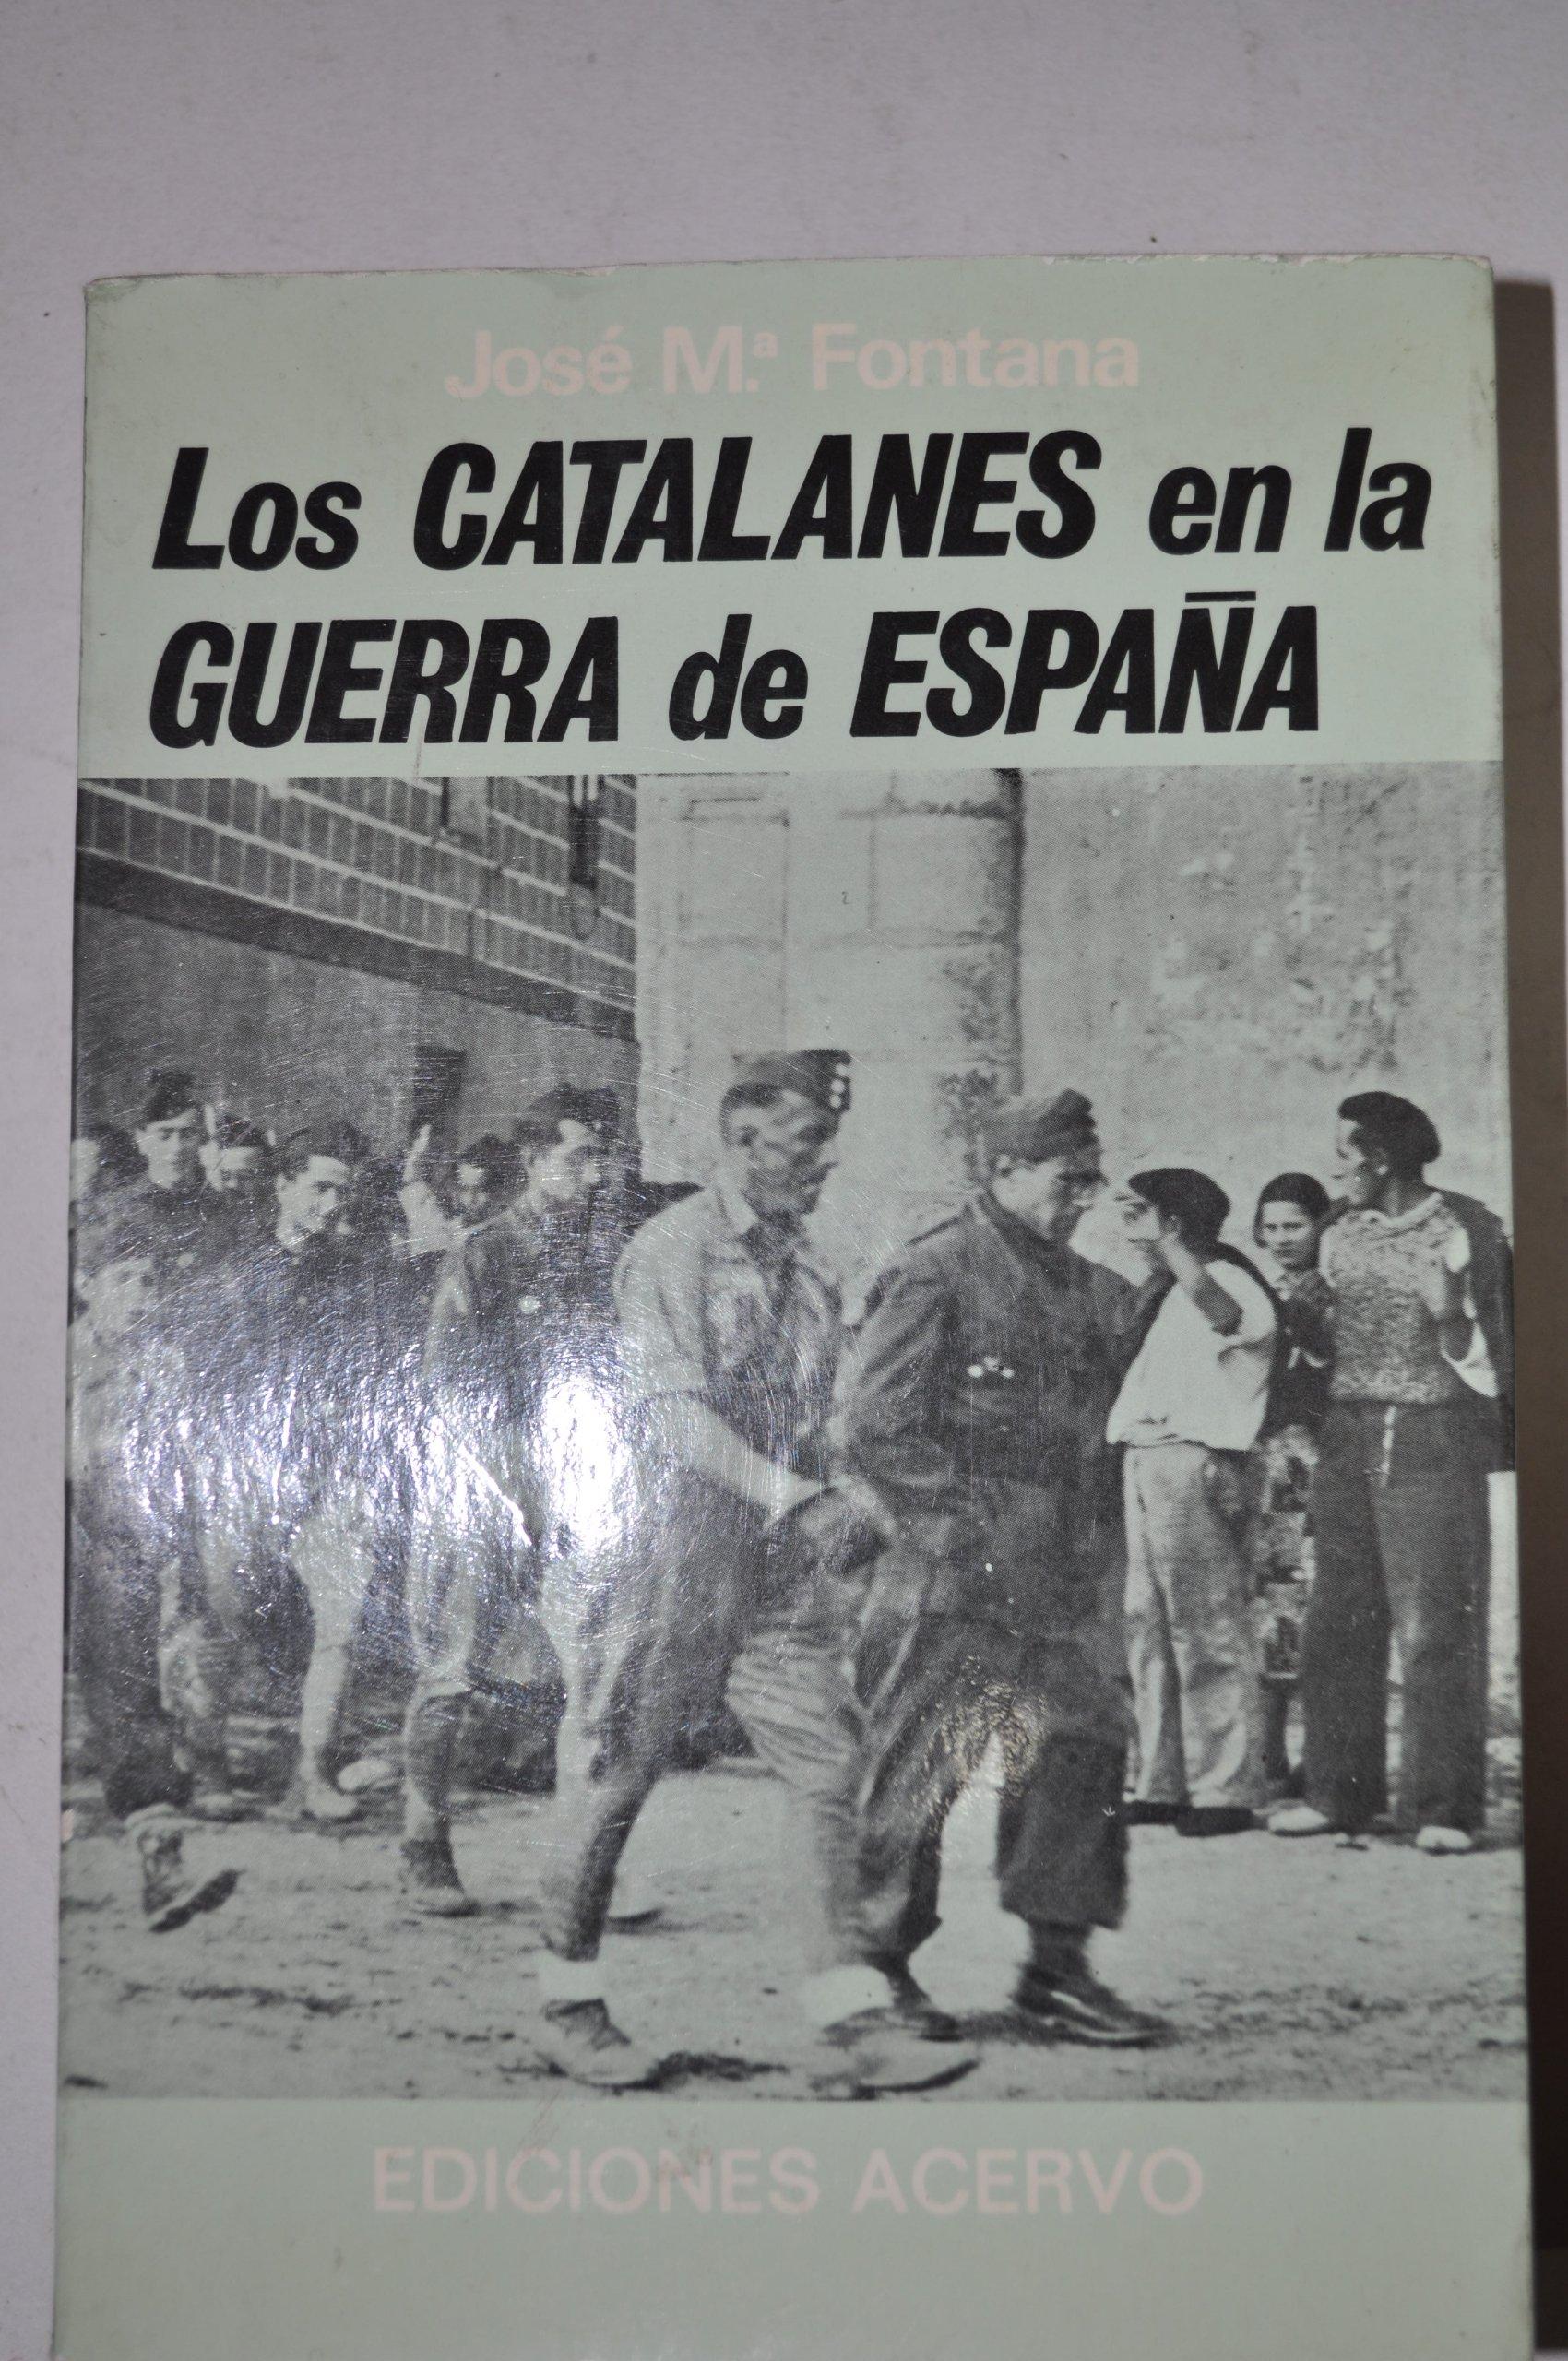 Los catalanes en la guerra de España: Amazon.es: Fontana, José Mar¸a: Libros en idiomas extranjeros